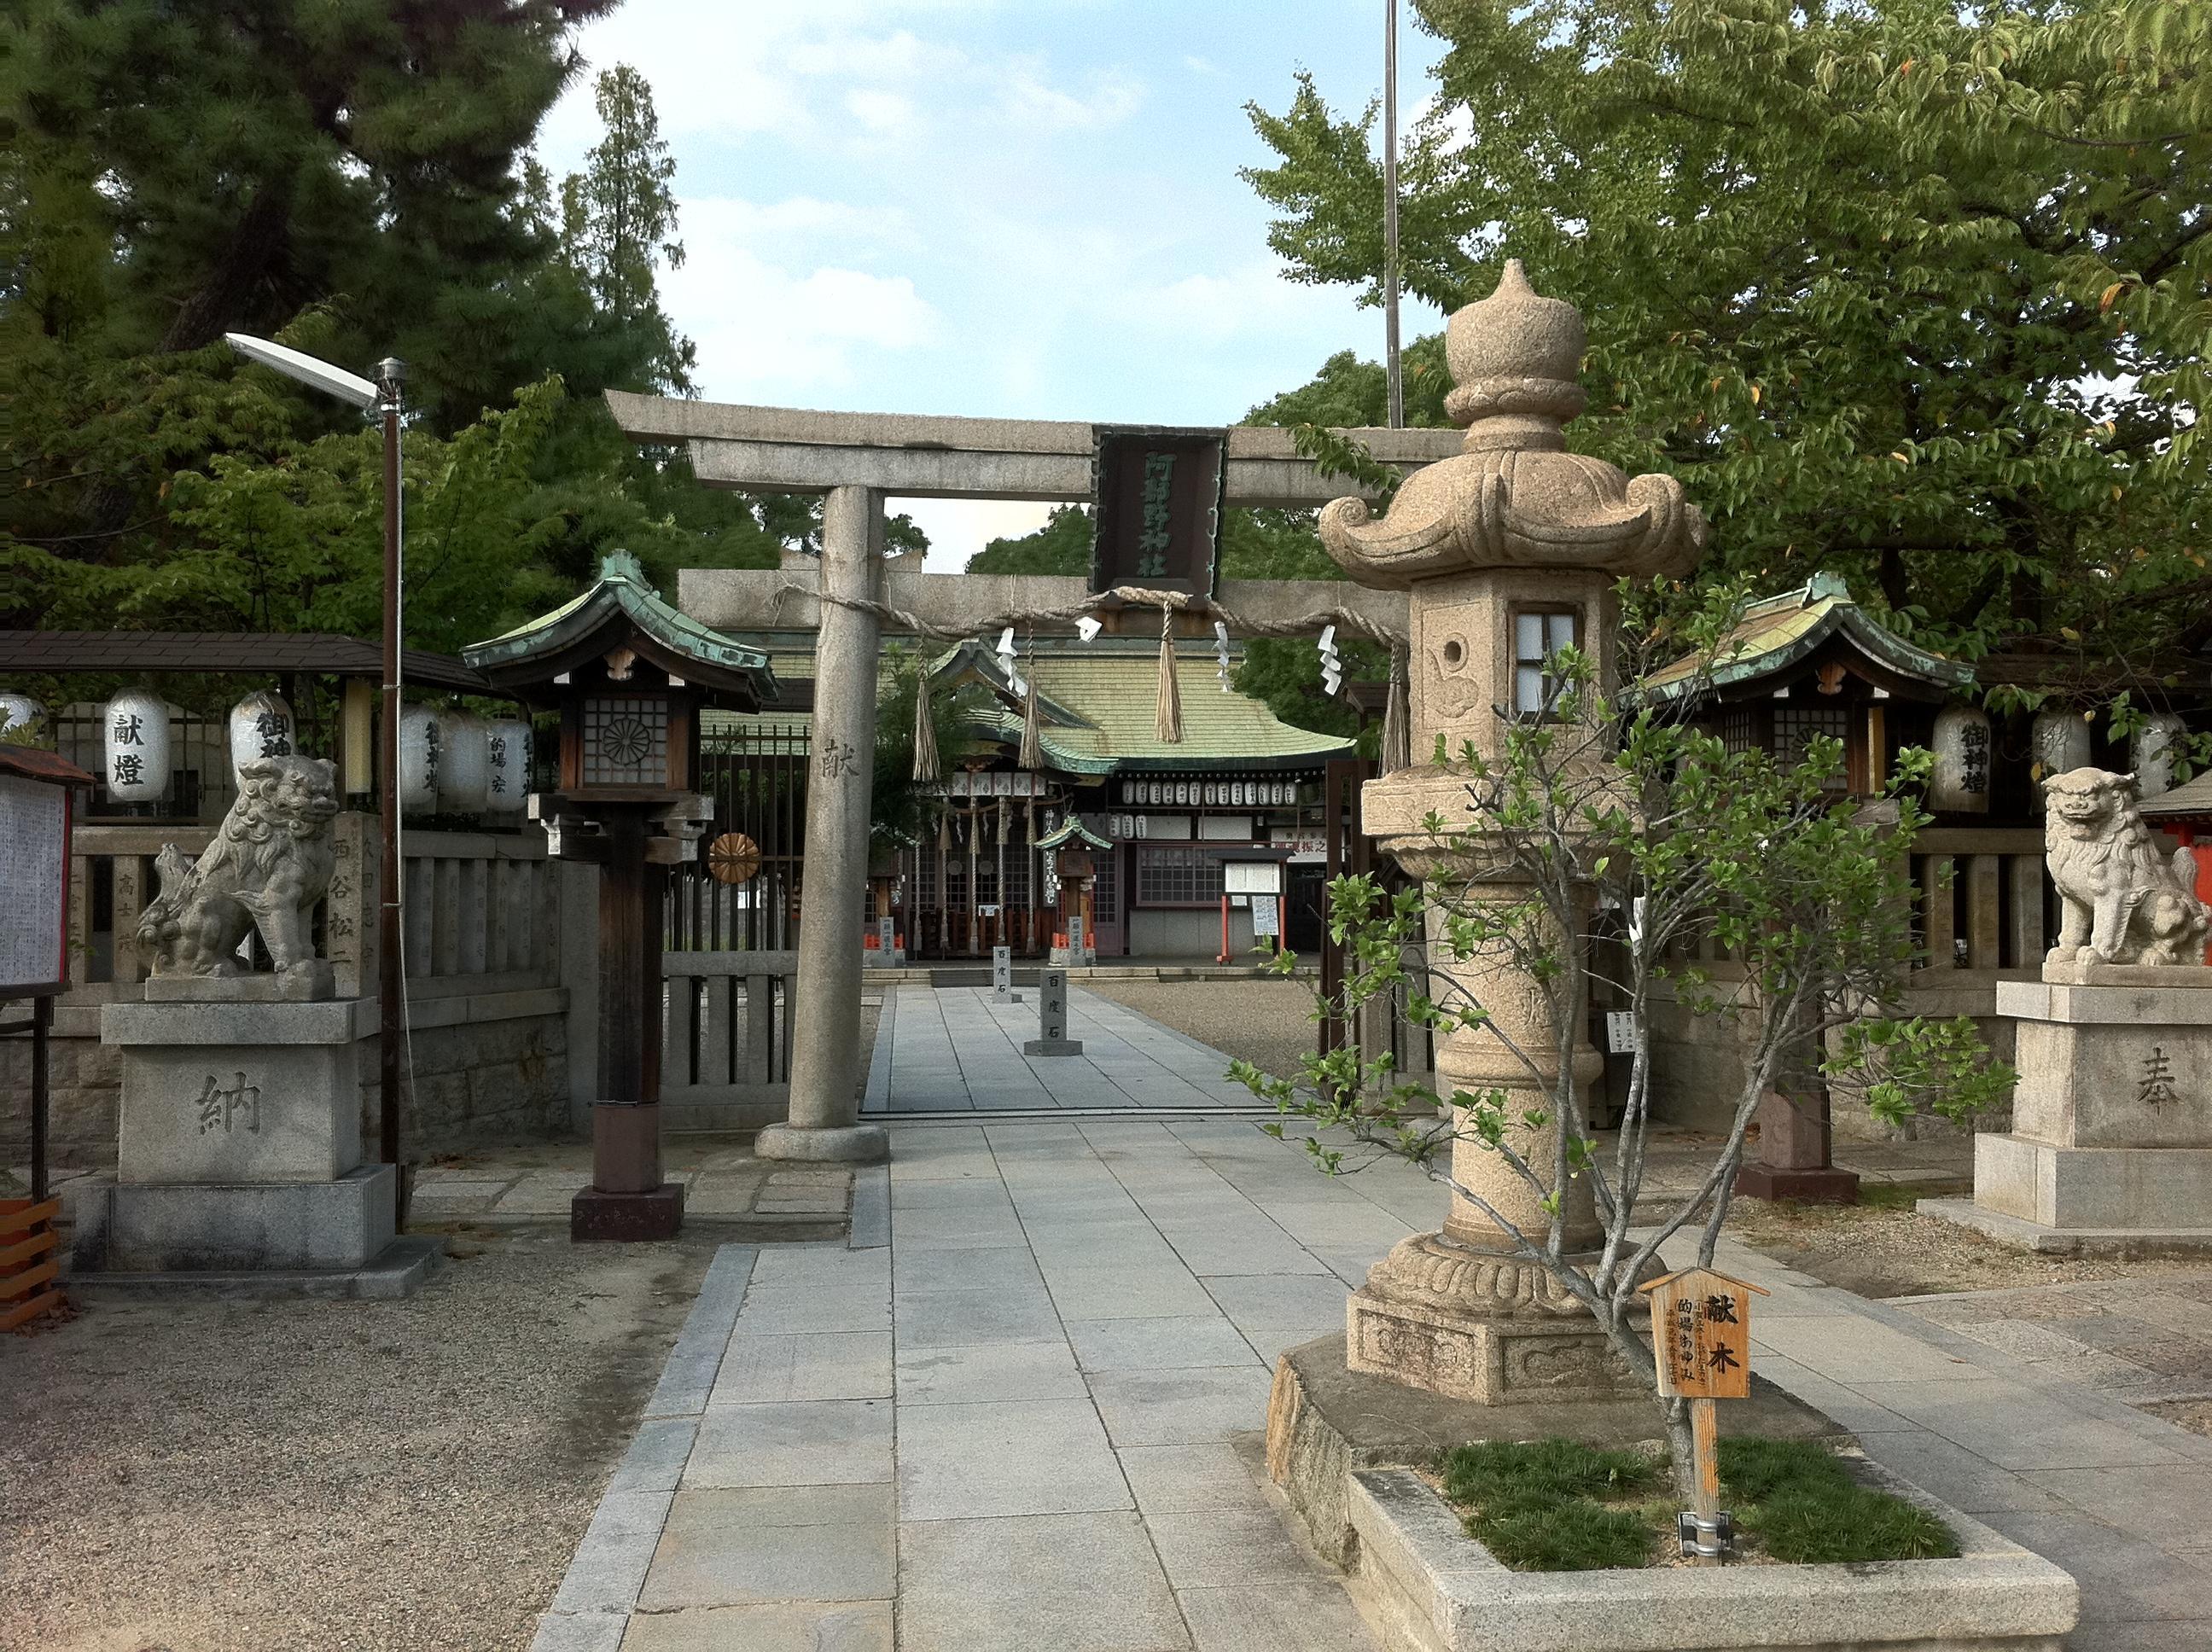 阿部野神社の建物その他